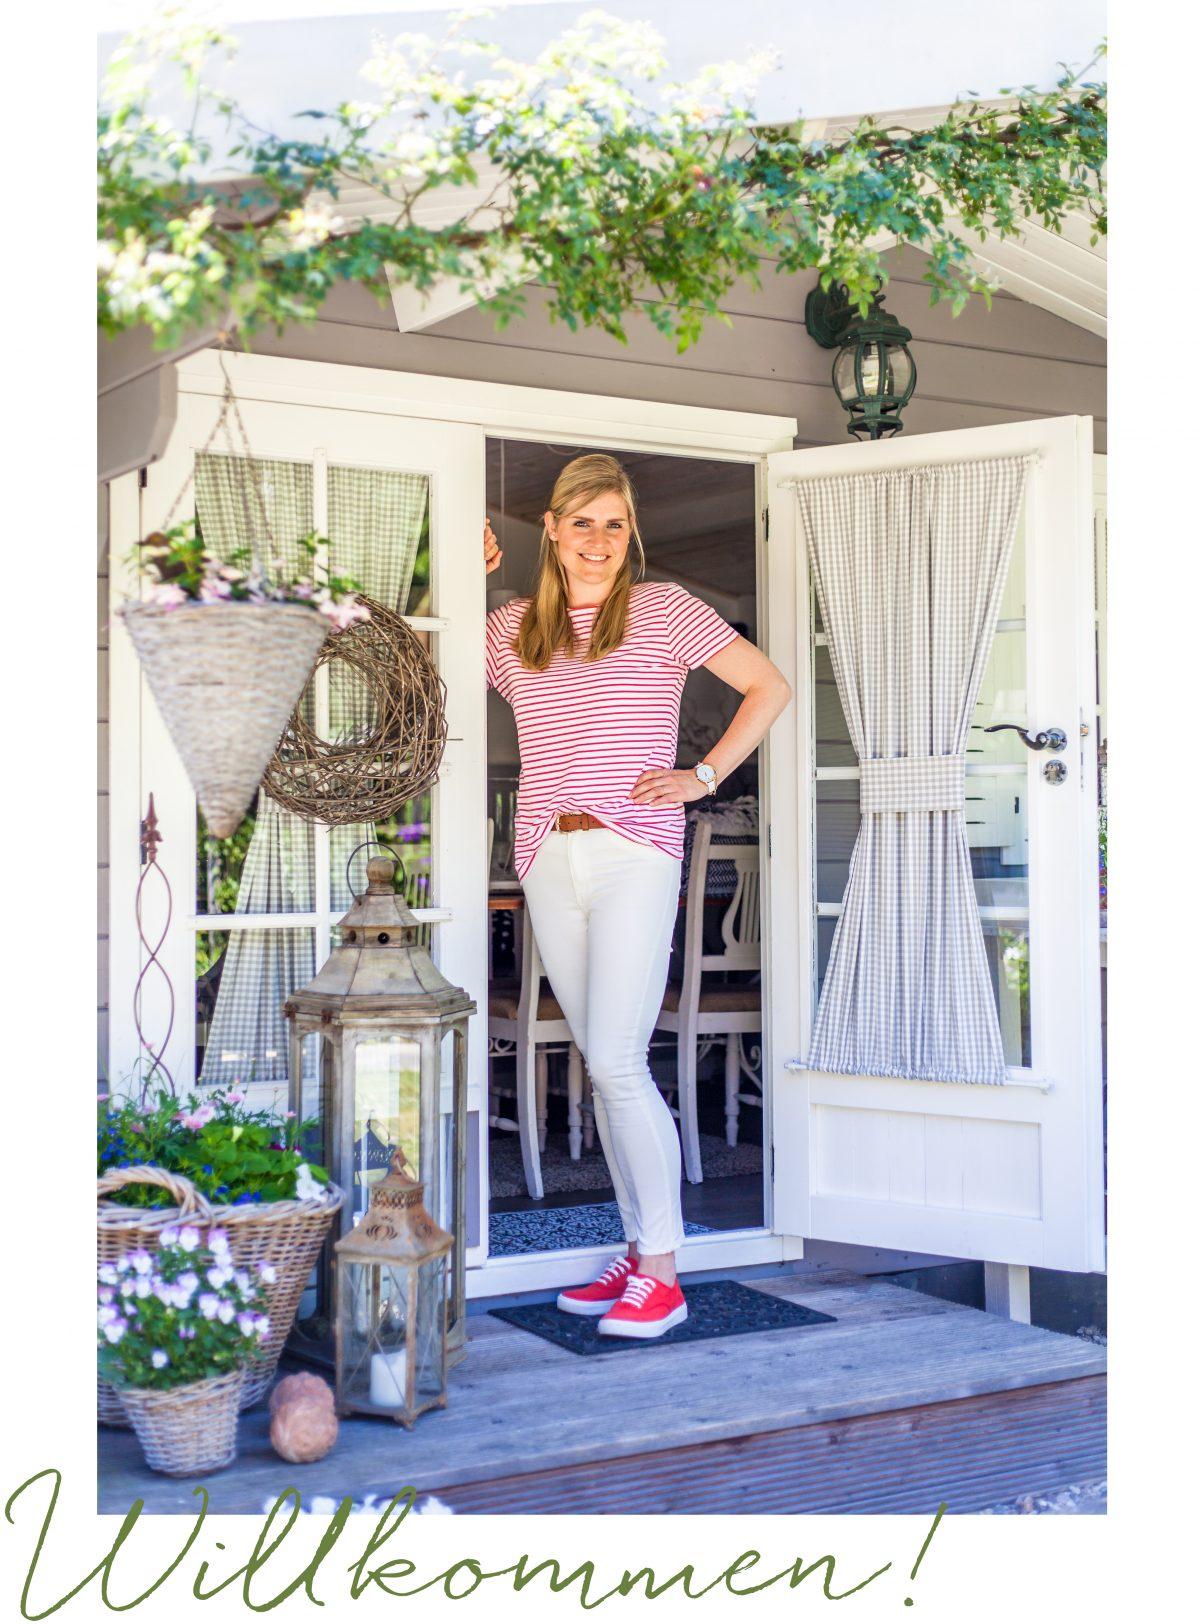 So wohnt der Norden: Eine Garten-Homestory aus Schönberg